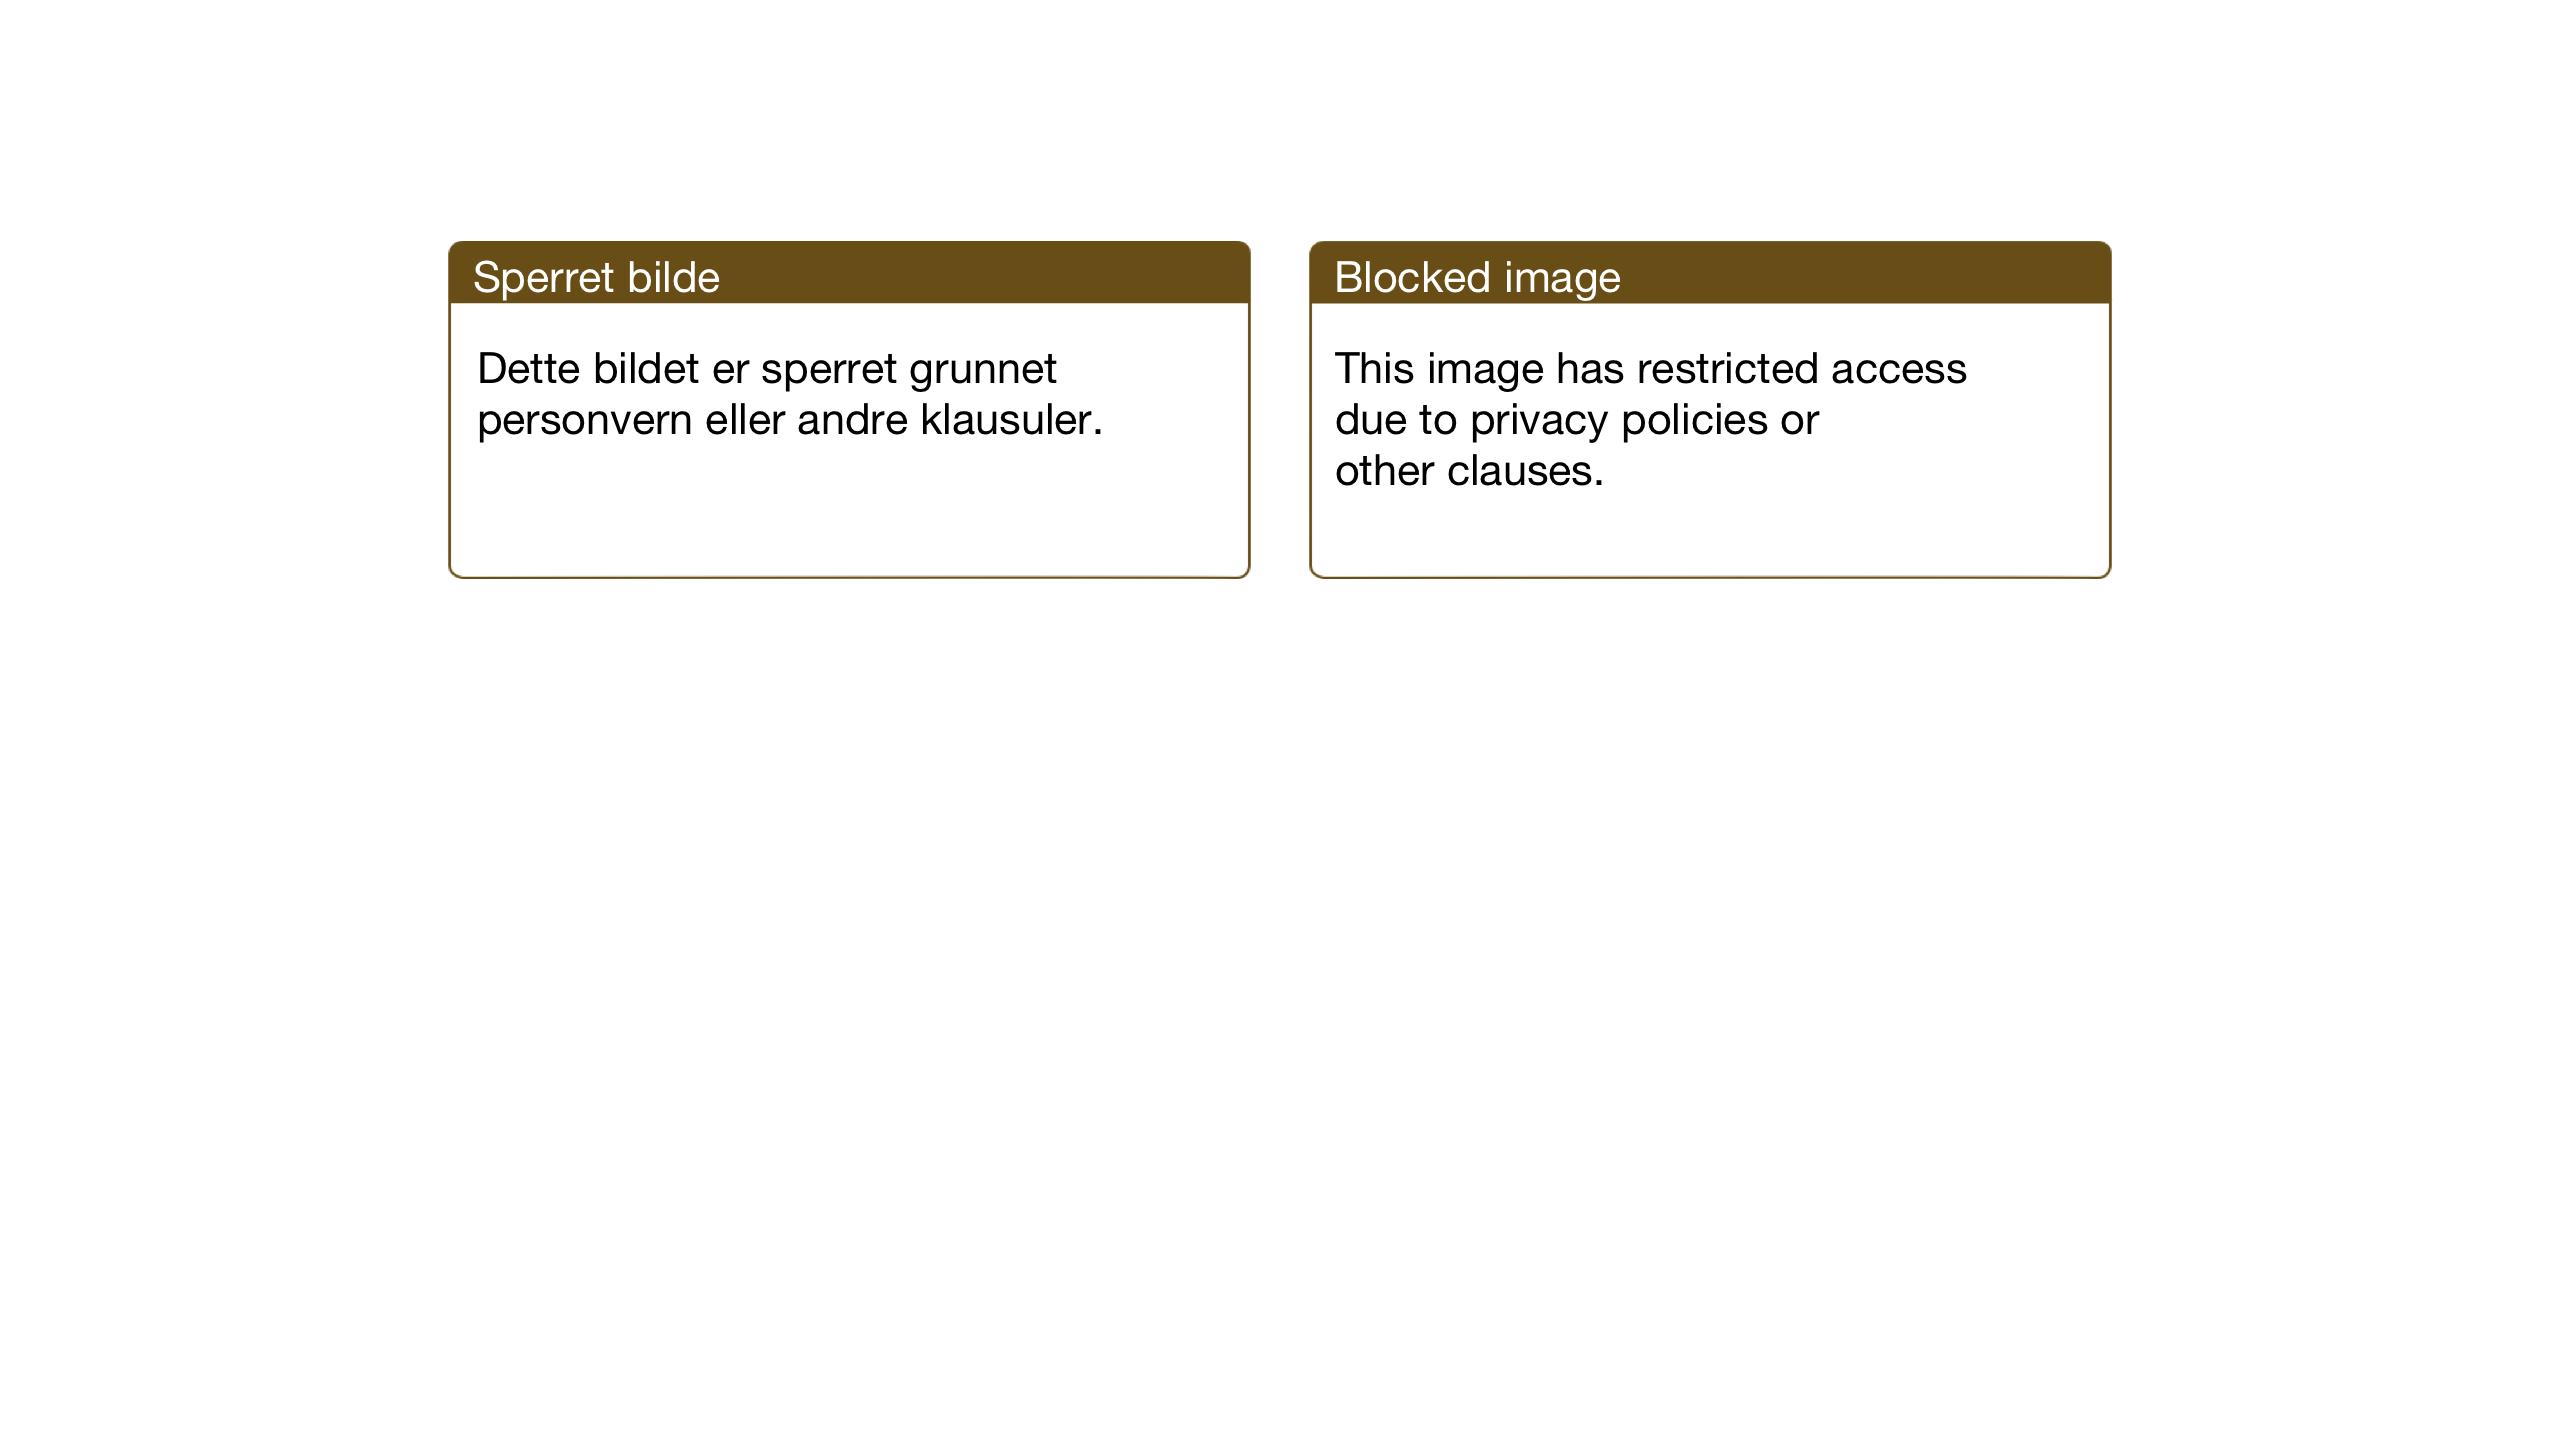 SAT, Ministerialprotokoller, klokkerbøker og fødselsregistre - Nord-Trøndelag, 721/L0209: Klokkerbok nr. 721C02, 1918-1940, s. 150